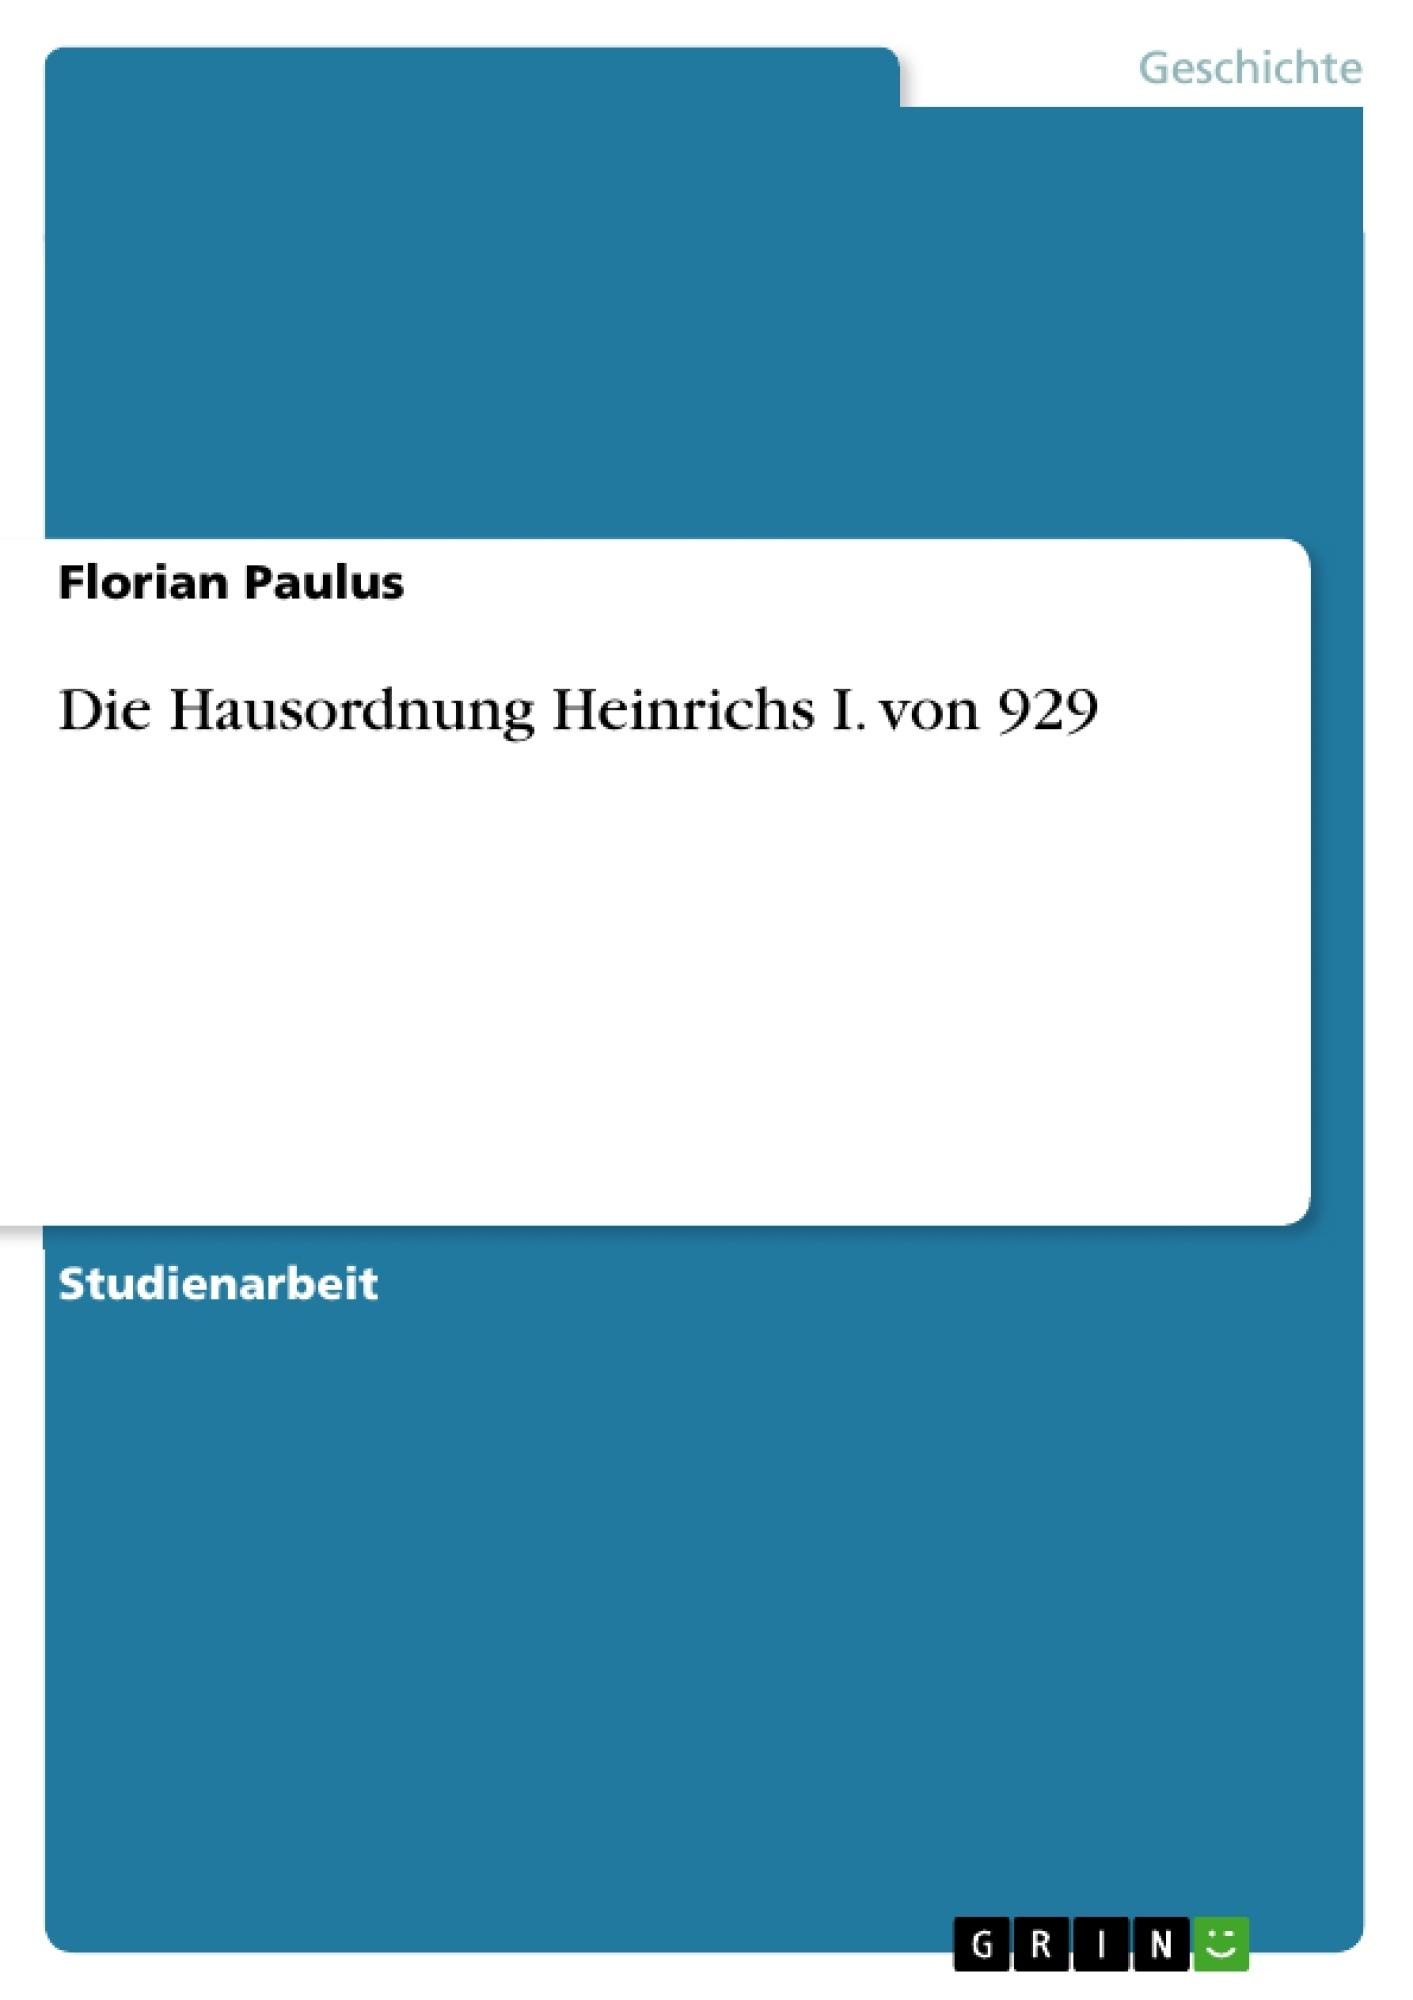 Titel: Die Hausordnung Heinrichs I. von 929